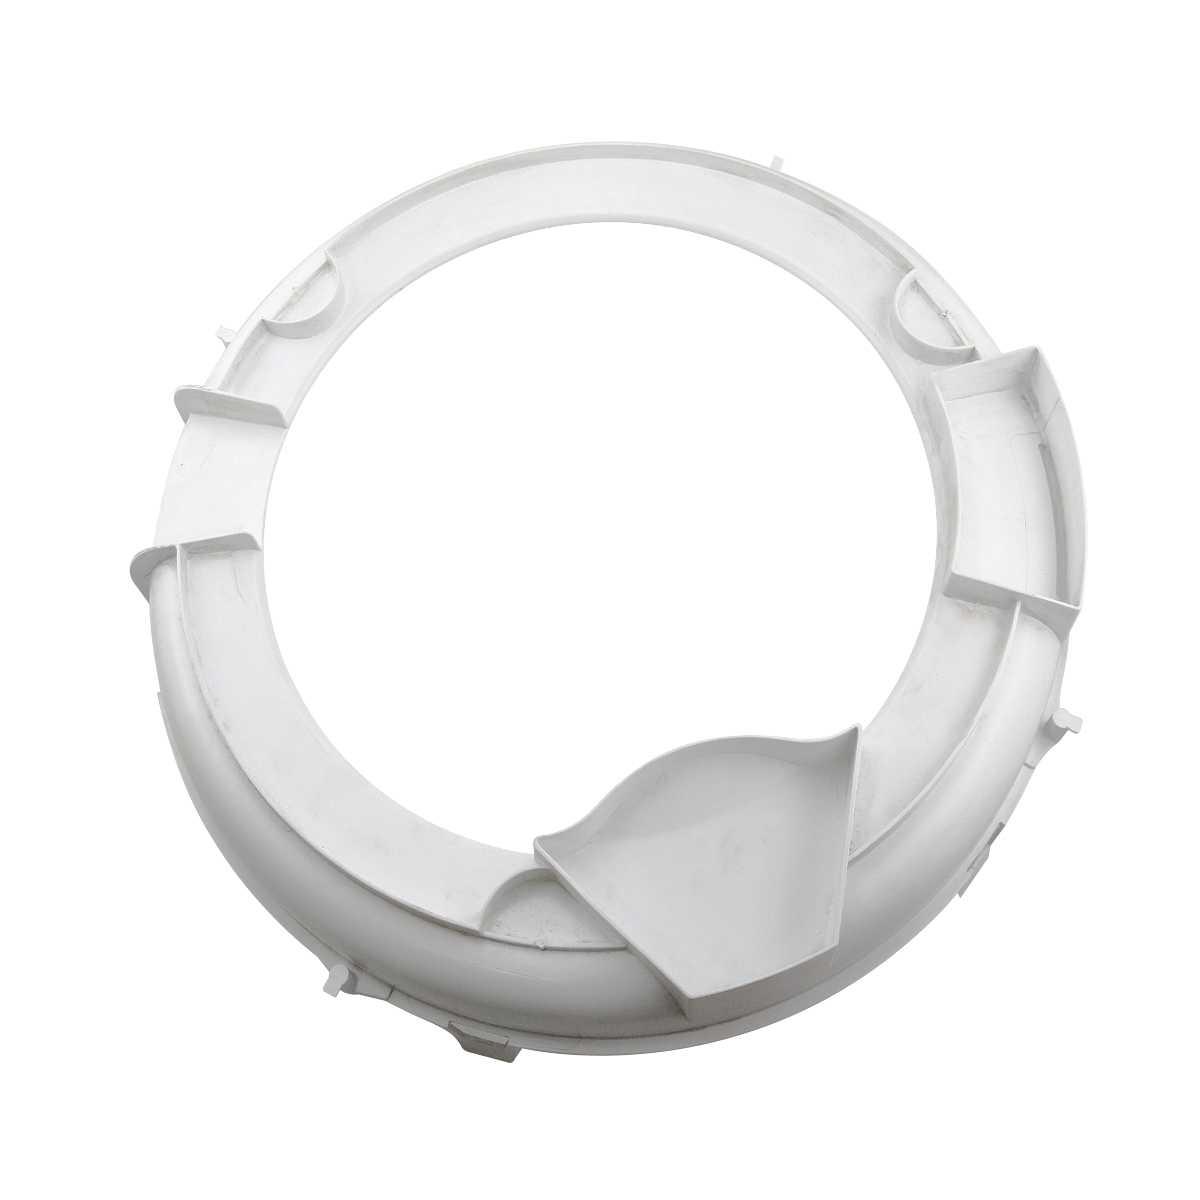 Capa tanque para lavadora roupa Electrolux LT50 LT60 LTE06 LTE07